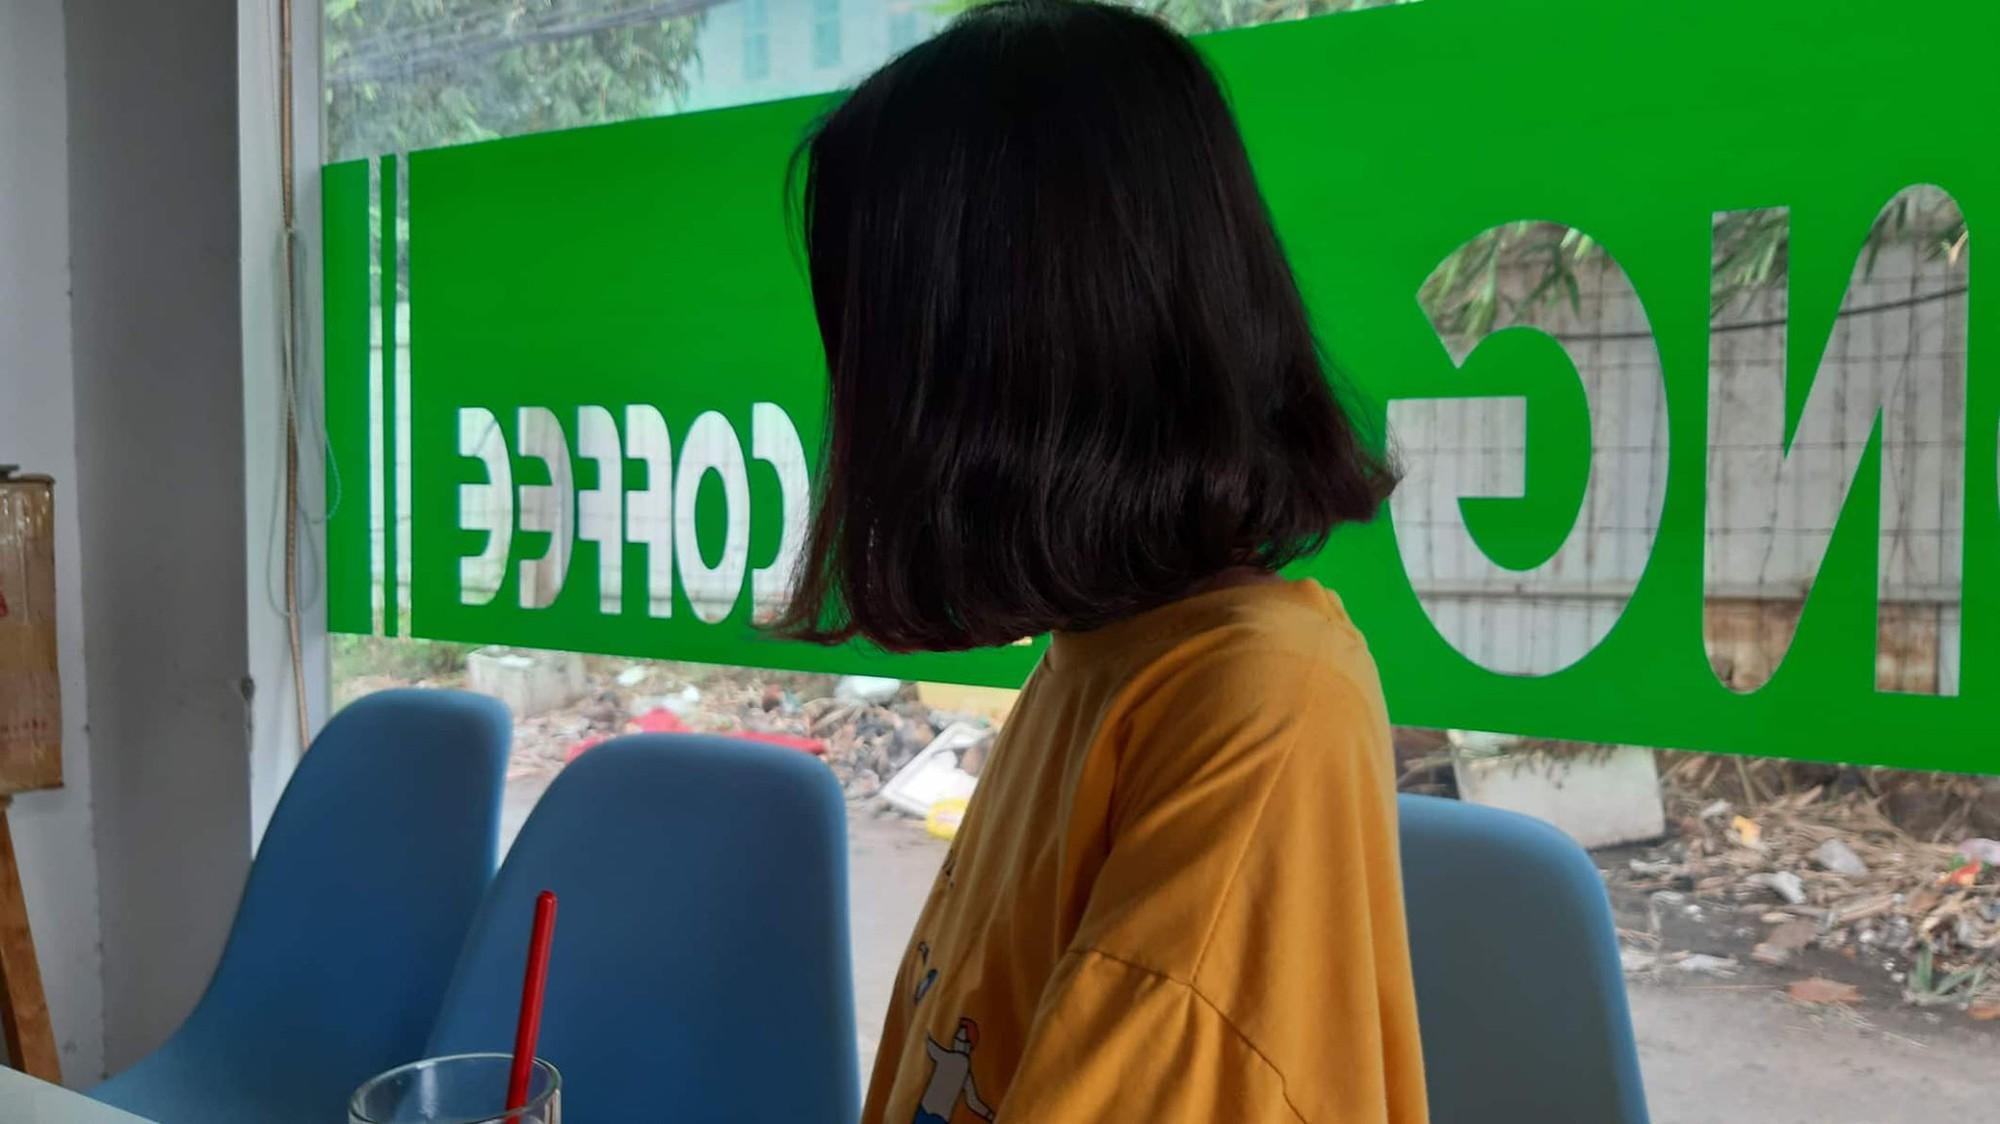 Nữ sinh kể lại toàn bộ hành vi biến thái trong đêm của gã phụ xe Phương Trang: Em sợ lắm, hắn ta hành động rất tinh vi-1